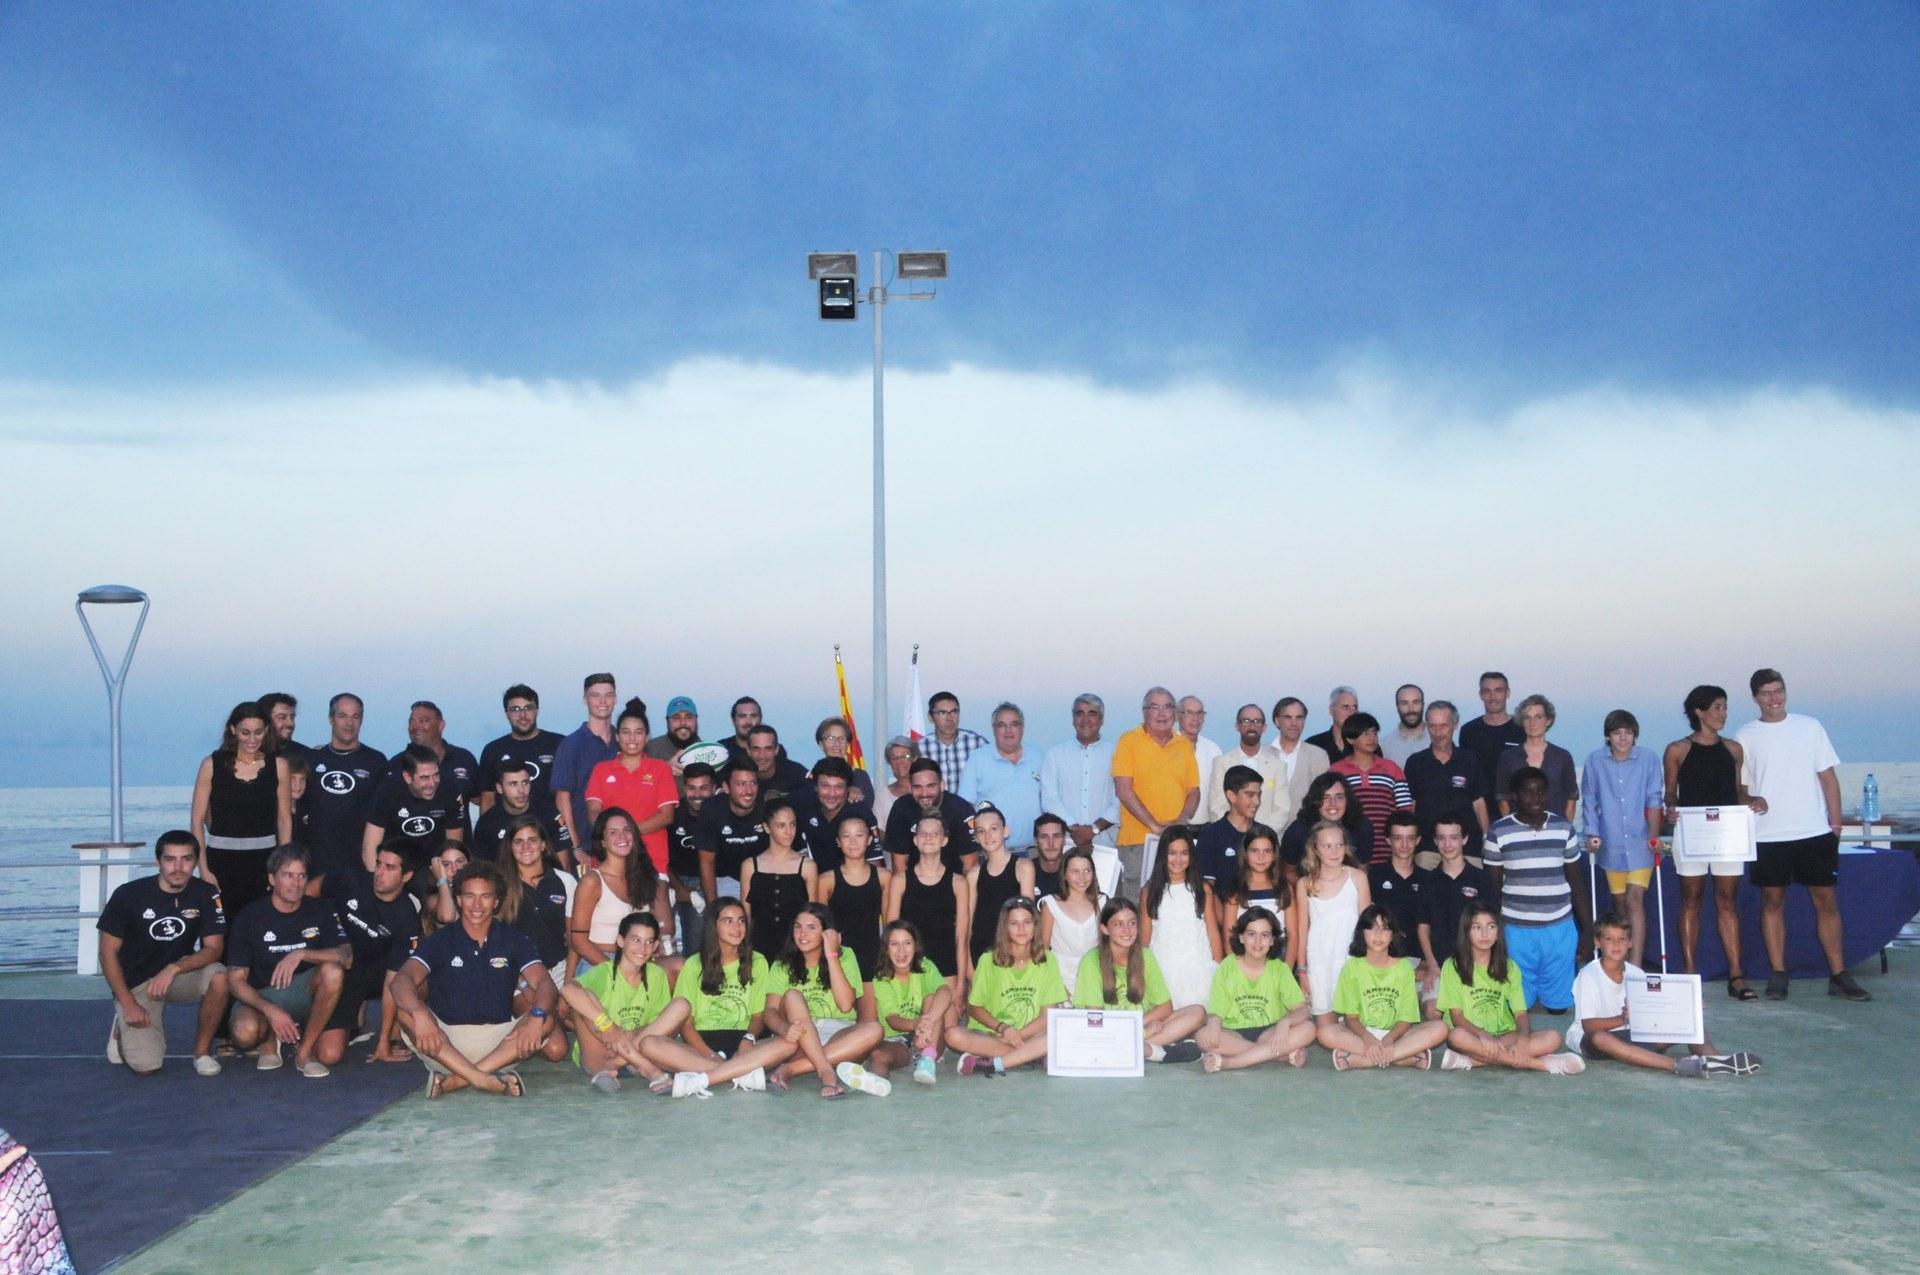 Nit de l'Esport de Sitges 2018